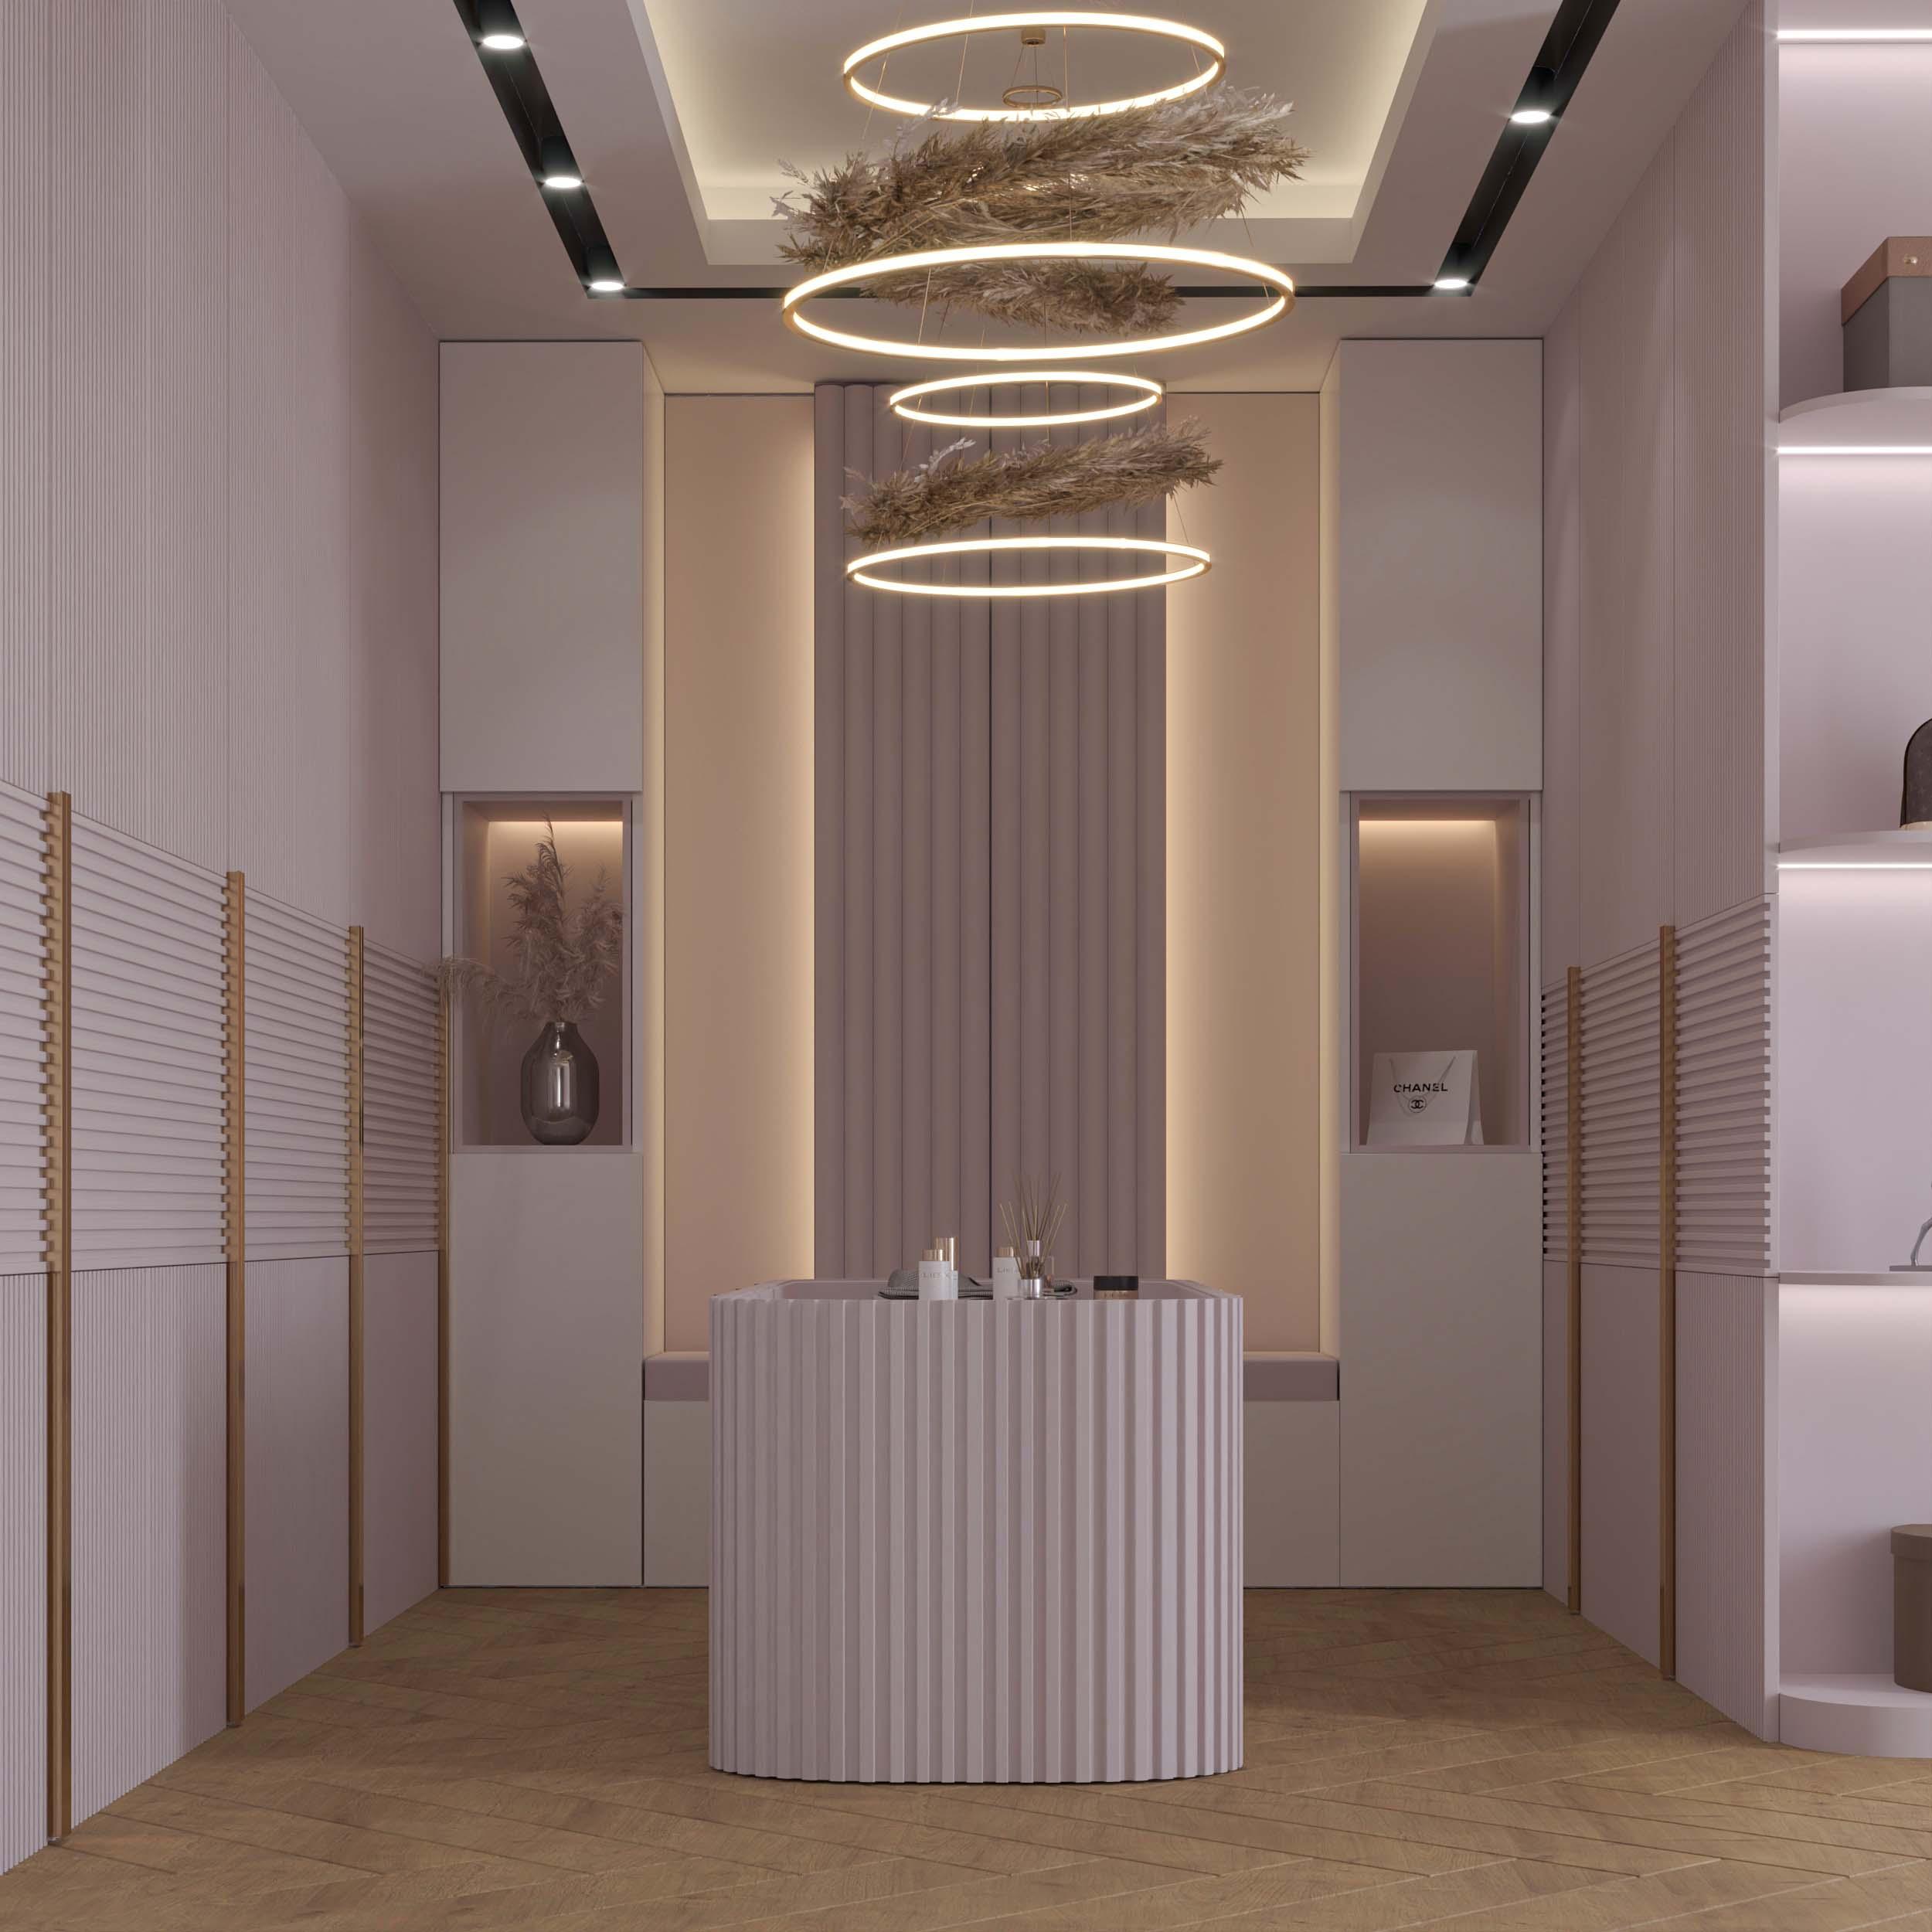 dressing room designs - pink - gold